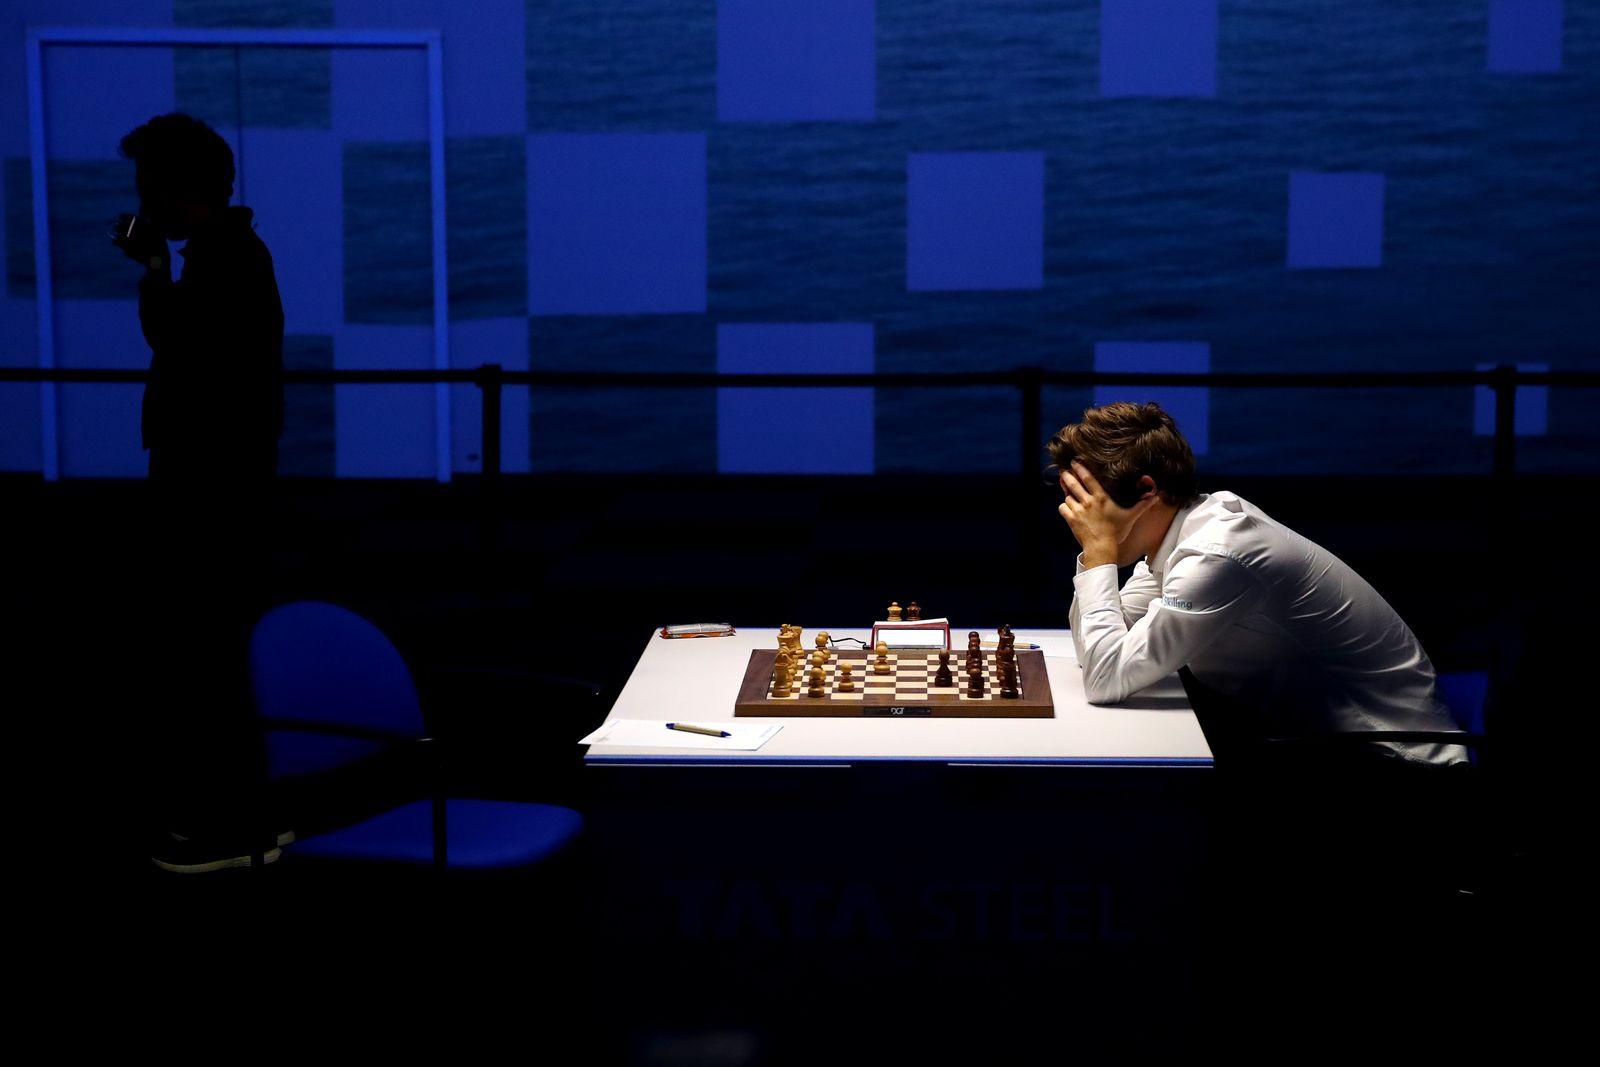 *** BESTPIX *** Tata Steel Chess Tournament 2021